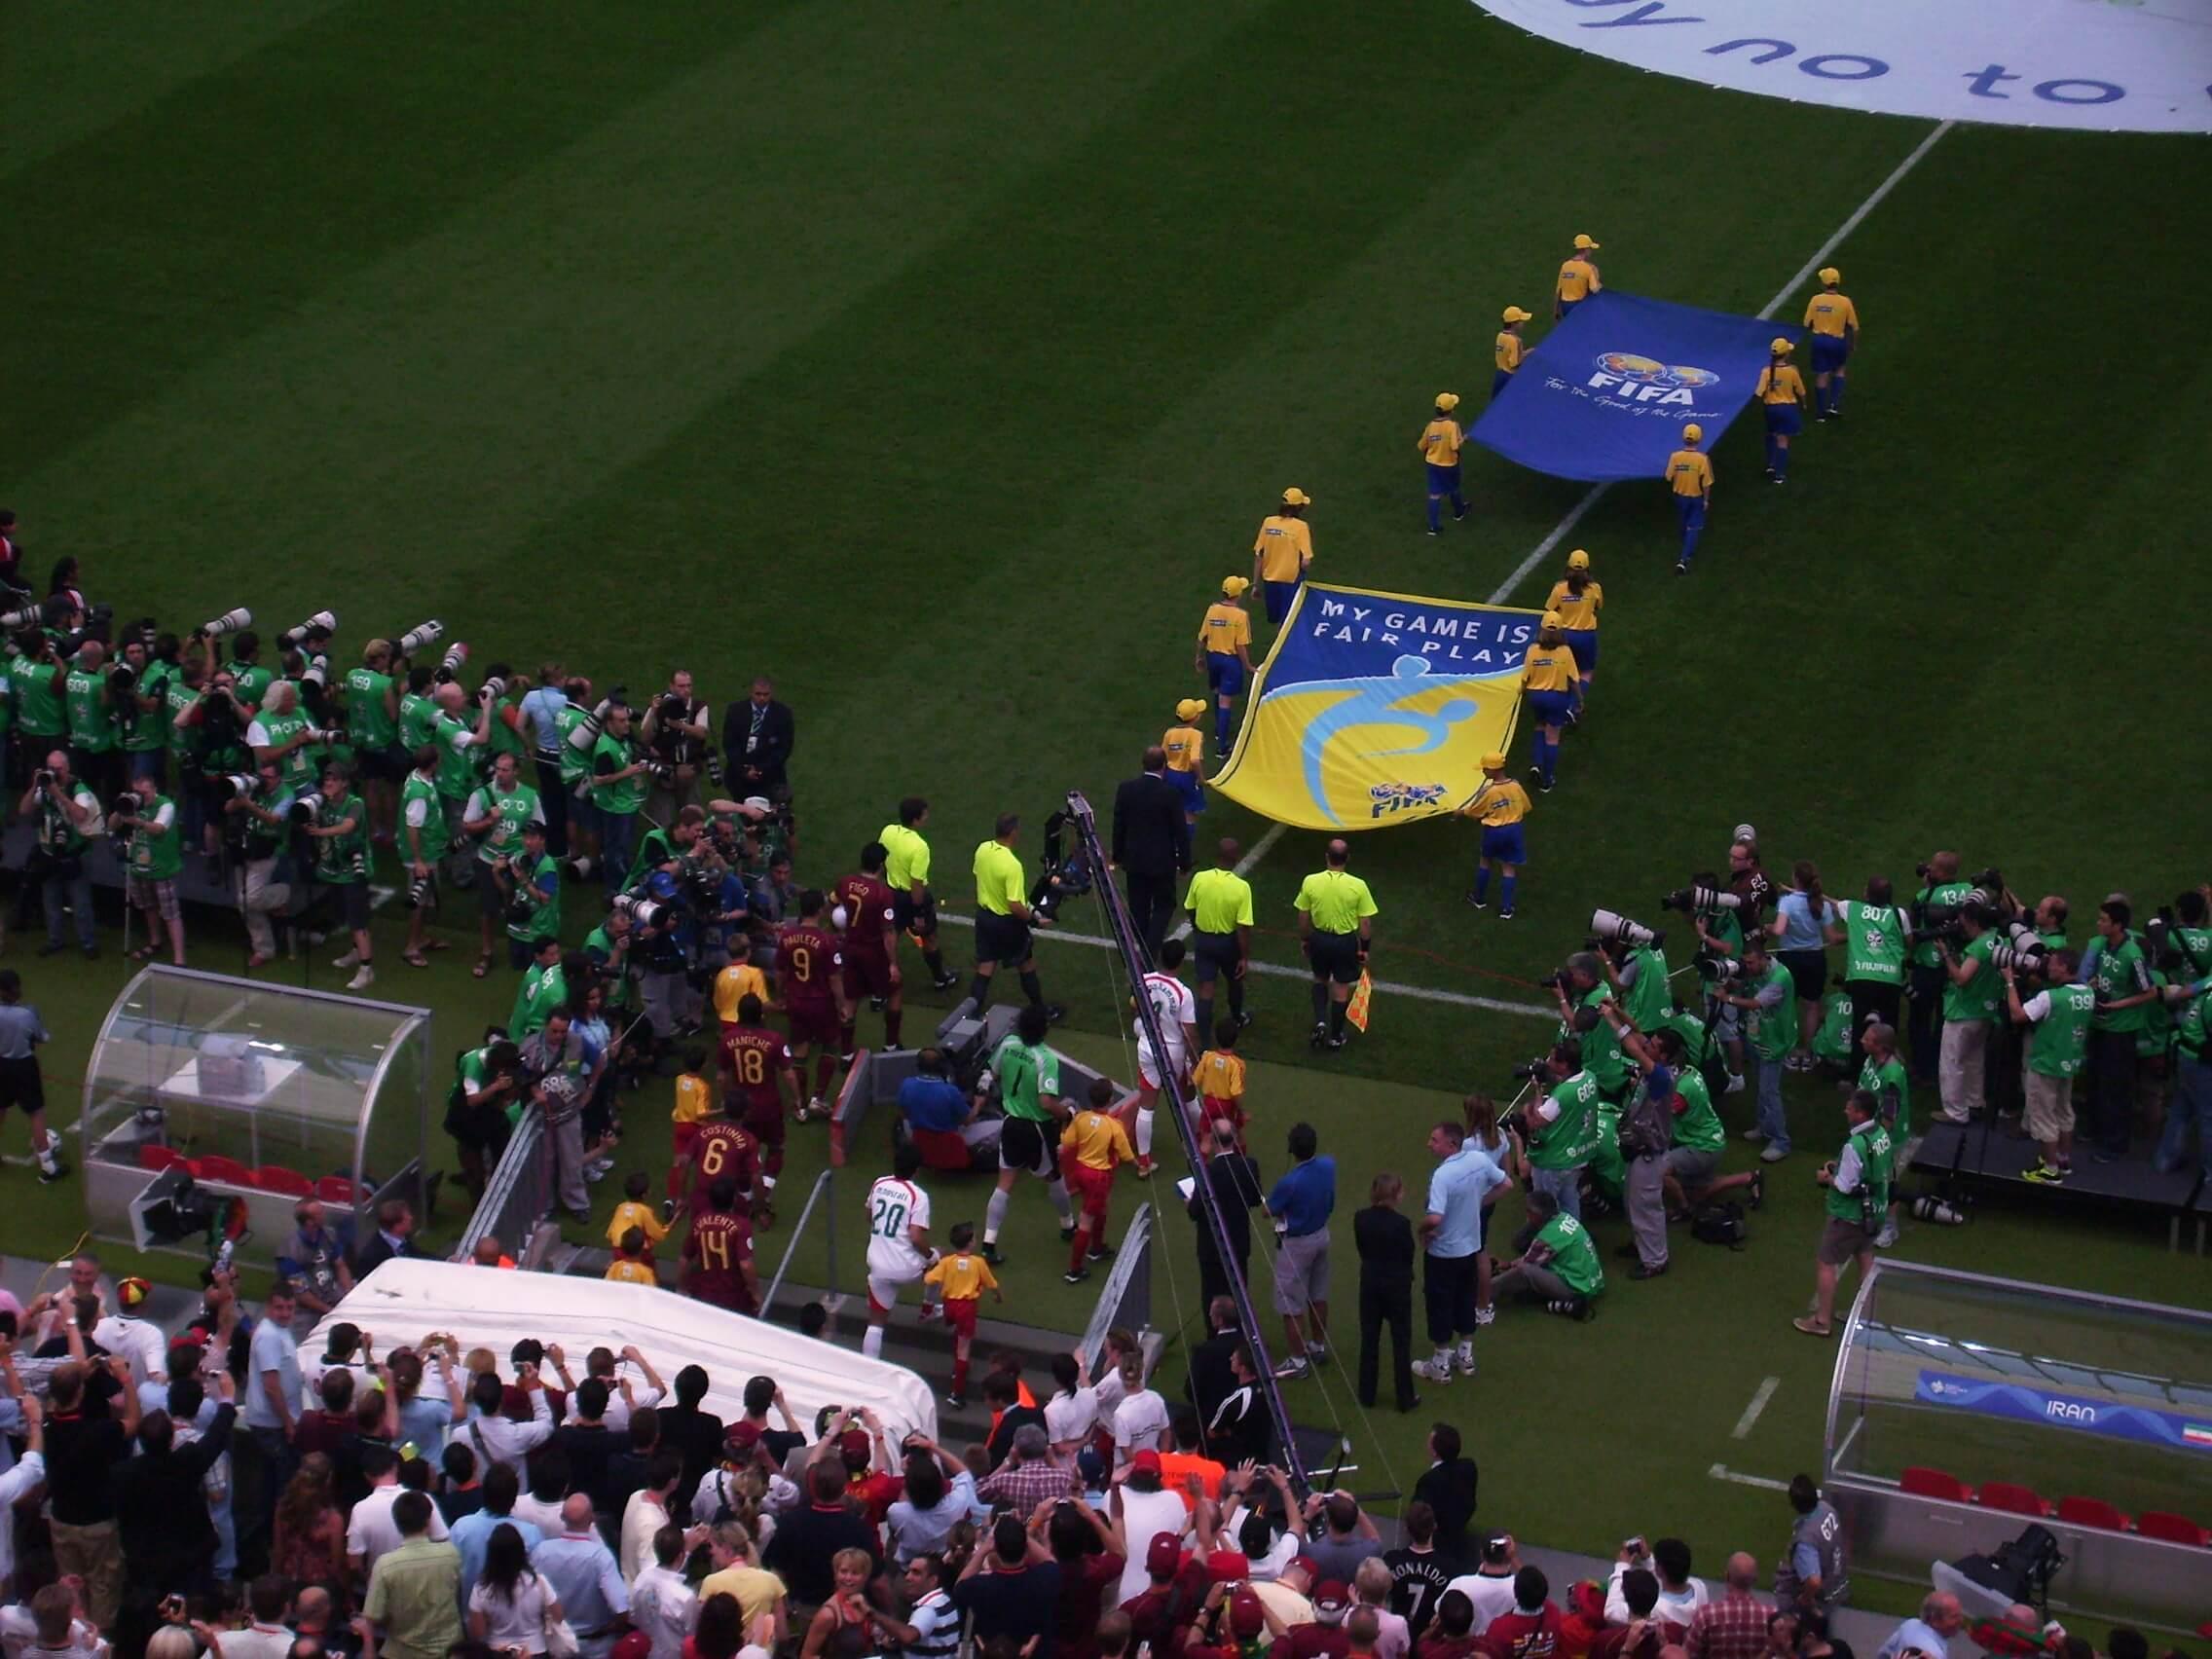 Werbetechnik im Einsatz bei einem Fußballspiel in Frankfurt